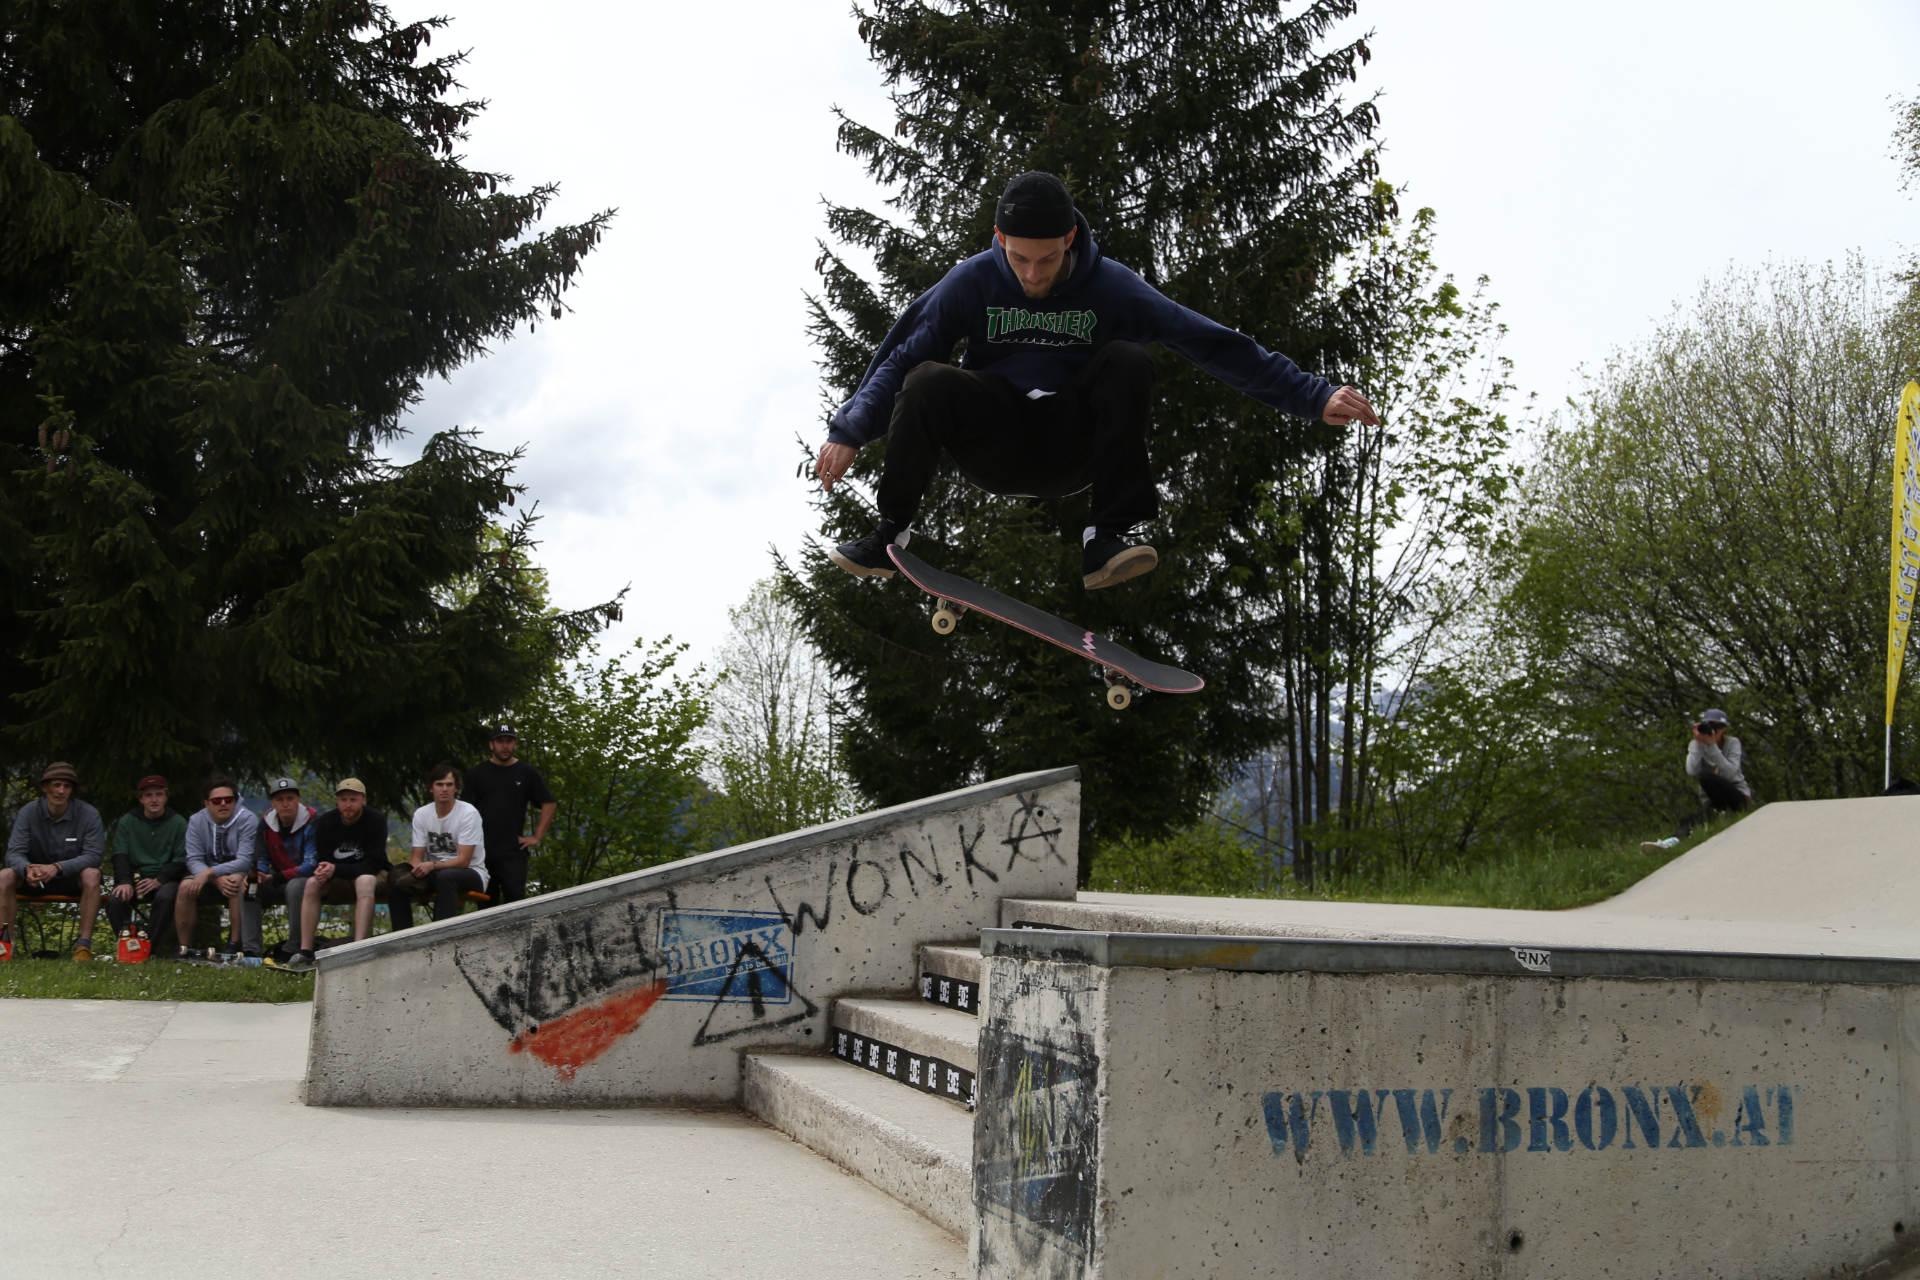 skateboard headz fieberbrunn kgt kitz gau trophy 2019 saalfelden hell00028